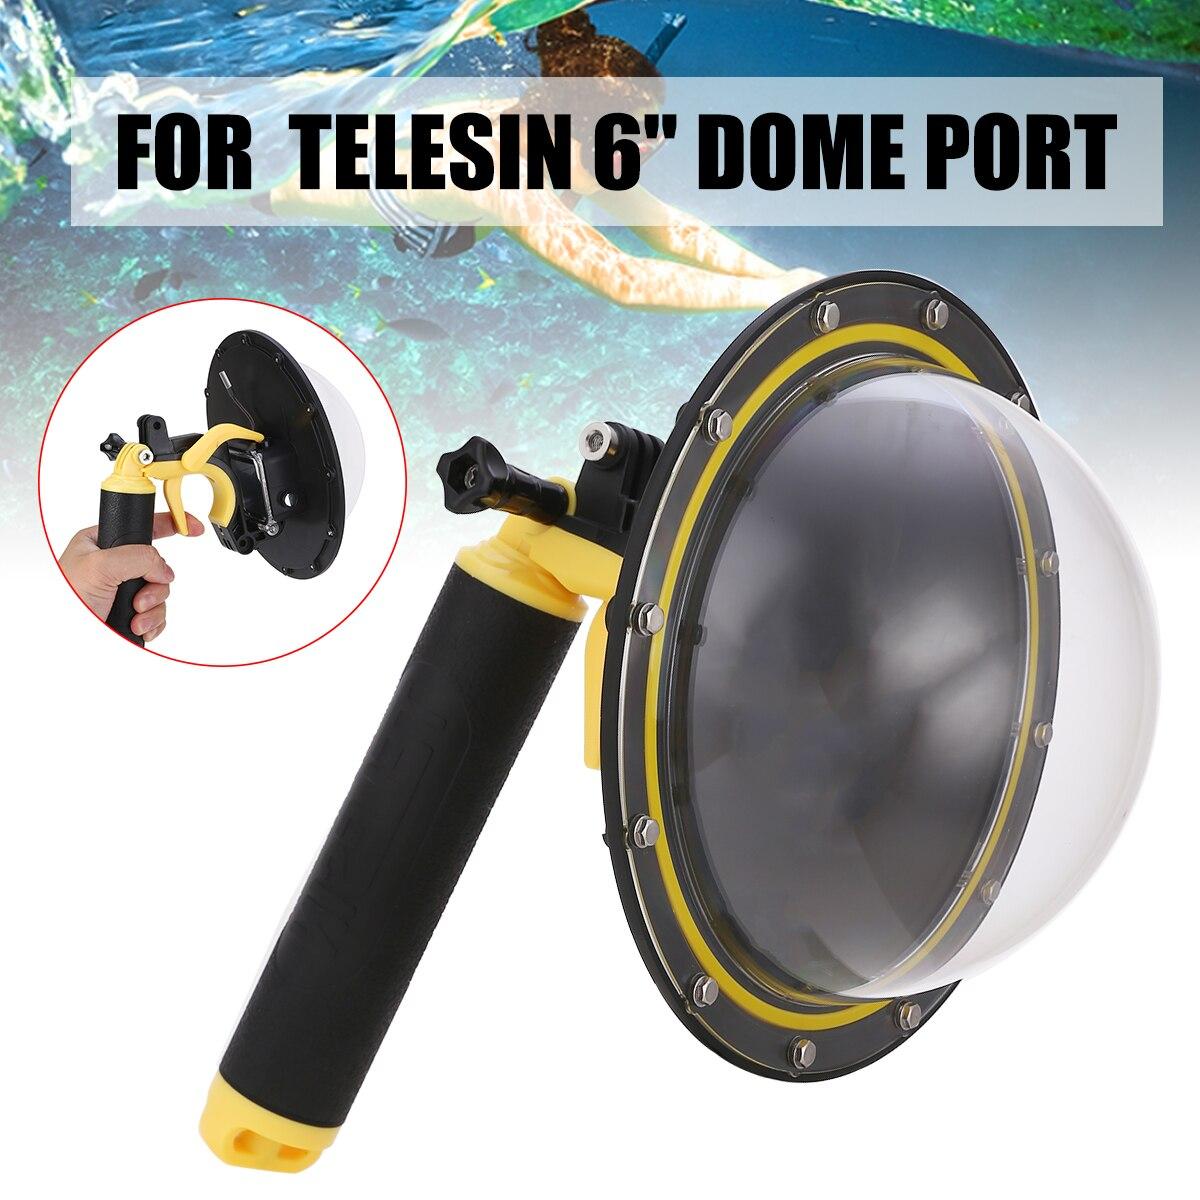 6 Inch Unterwasser Foto Wasserdicht Fall Gehäuse Gewidmet Ersatz Dome Port Abdeckung für GoPro Hero 5 6 7